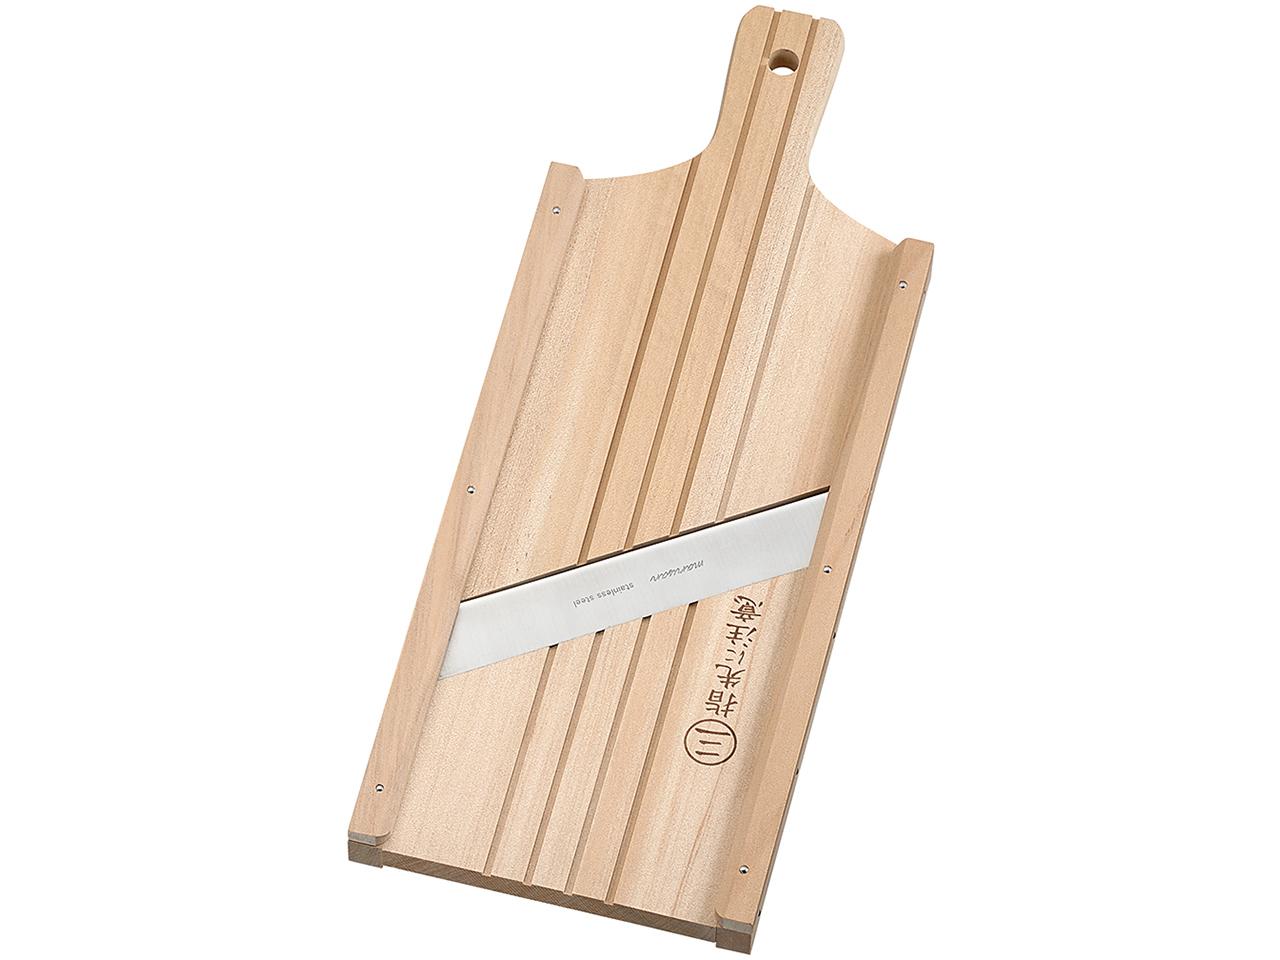 木製調理器 「ウッディースライサーワイド」 キャベツは千切りになります!